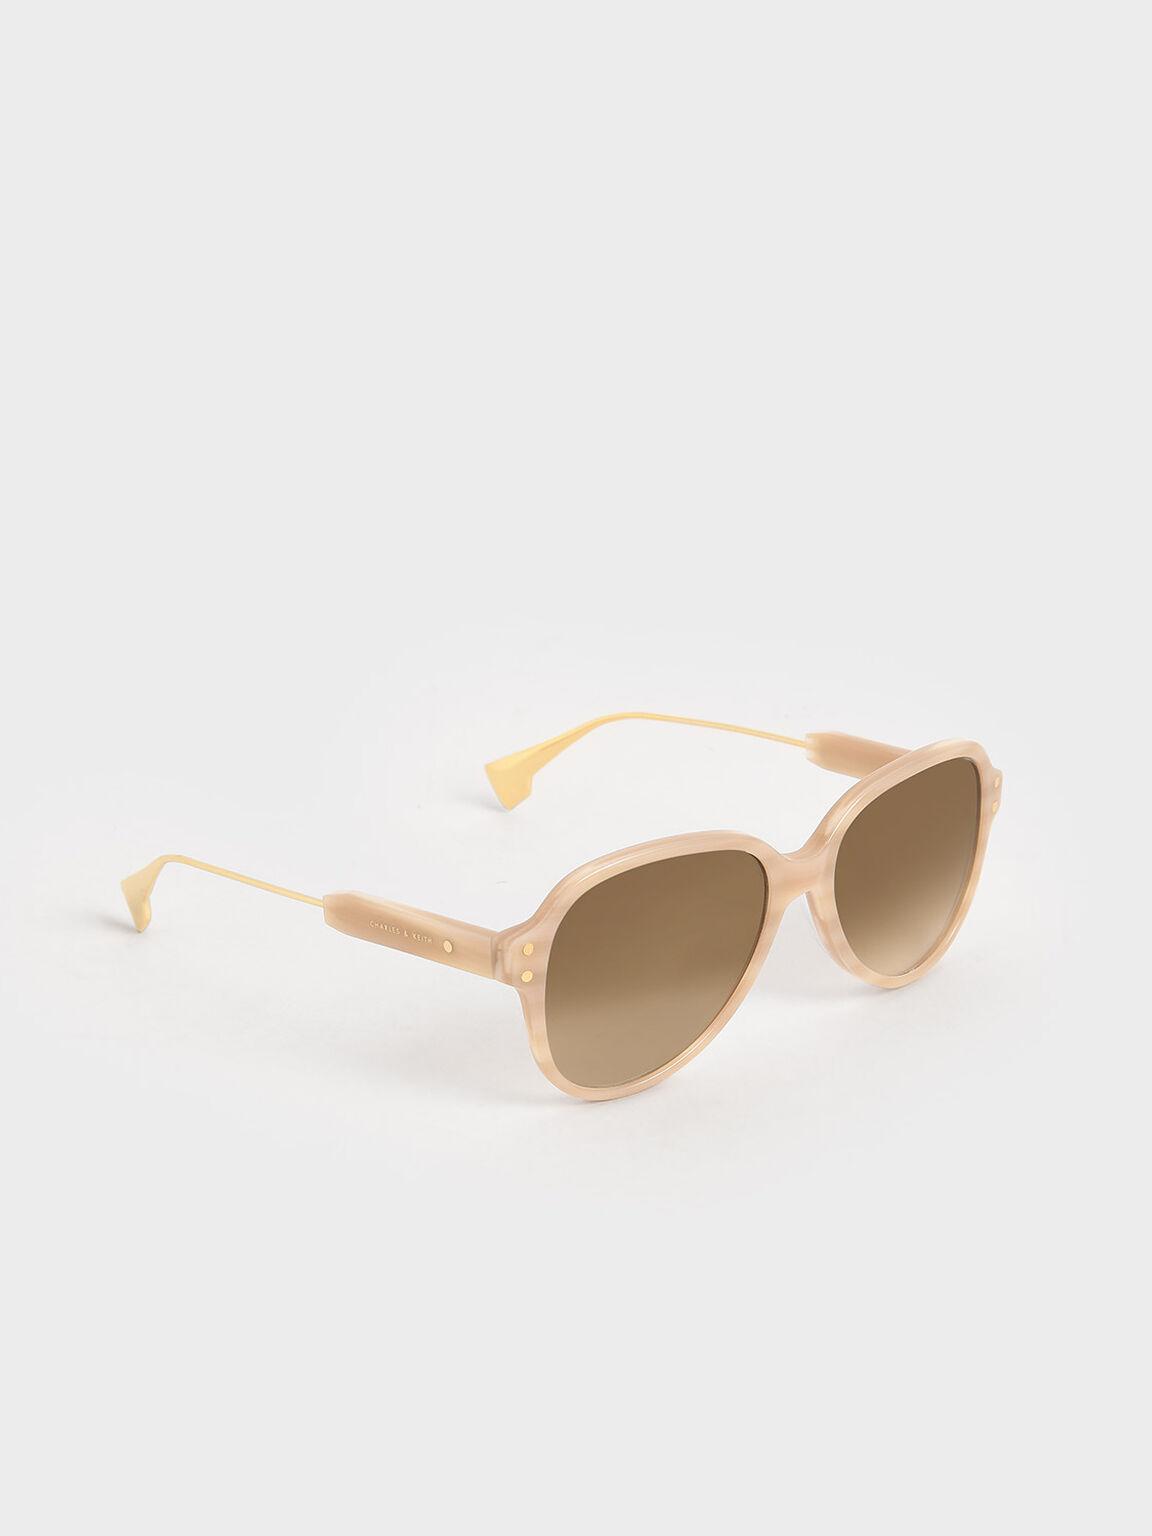 Acetate Aviator Sunglasses, Taupe, hi-res